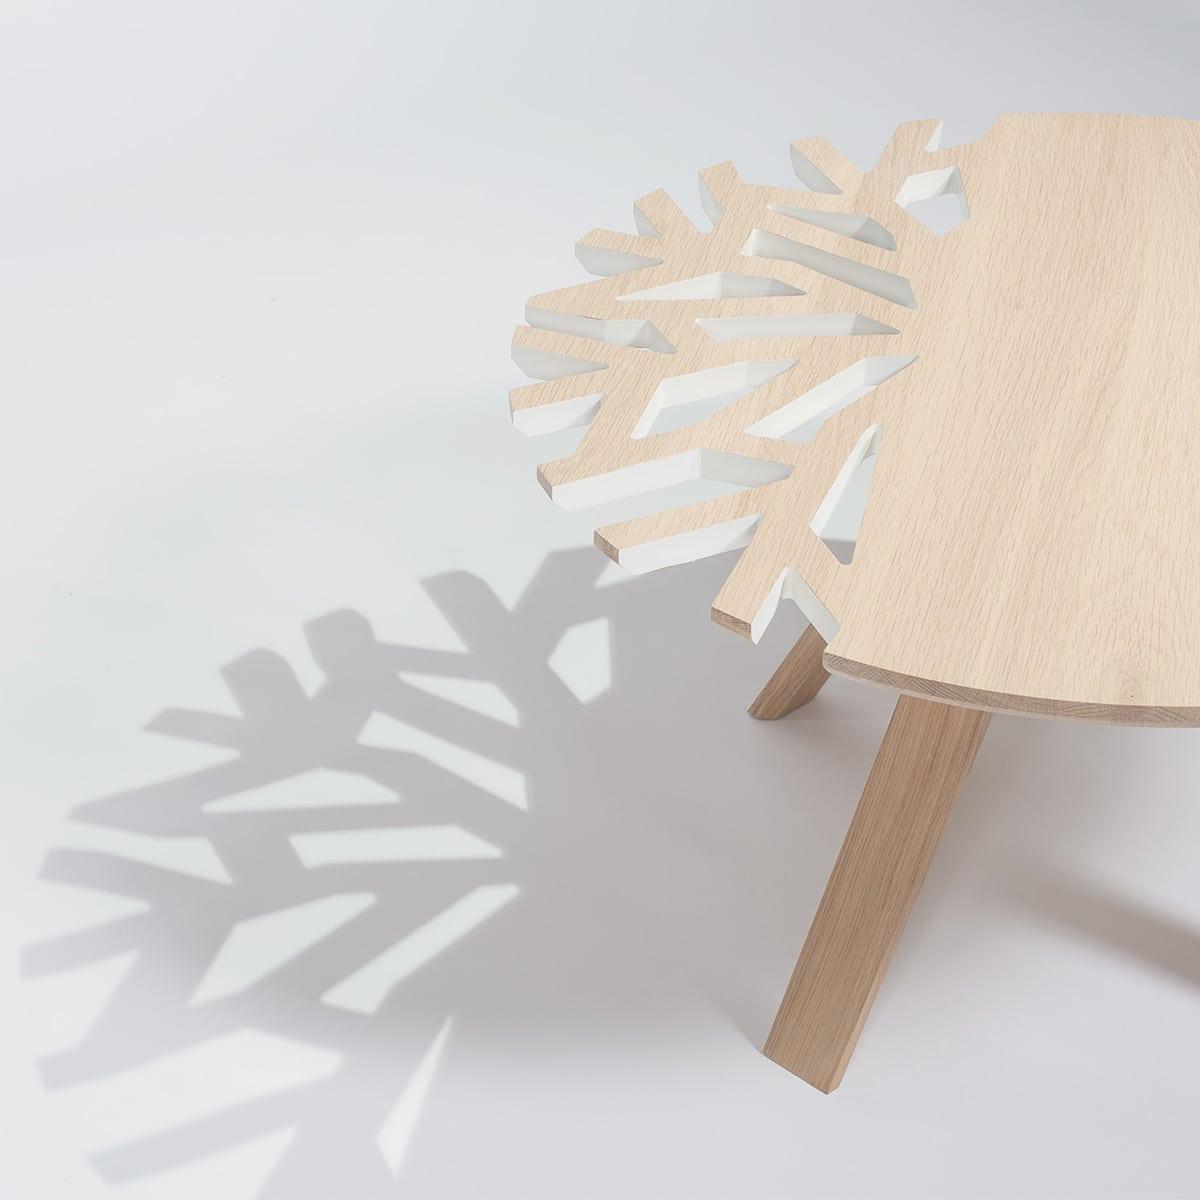 table basse Canopée en bois style minimaliste asiatique japandi